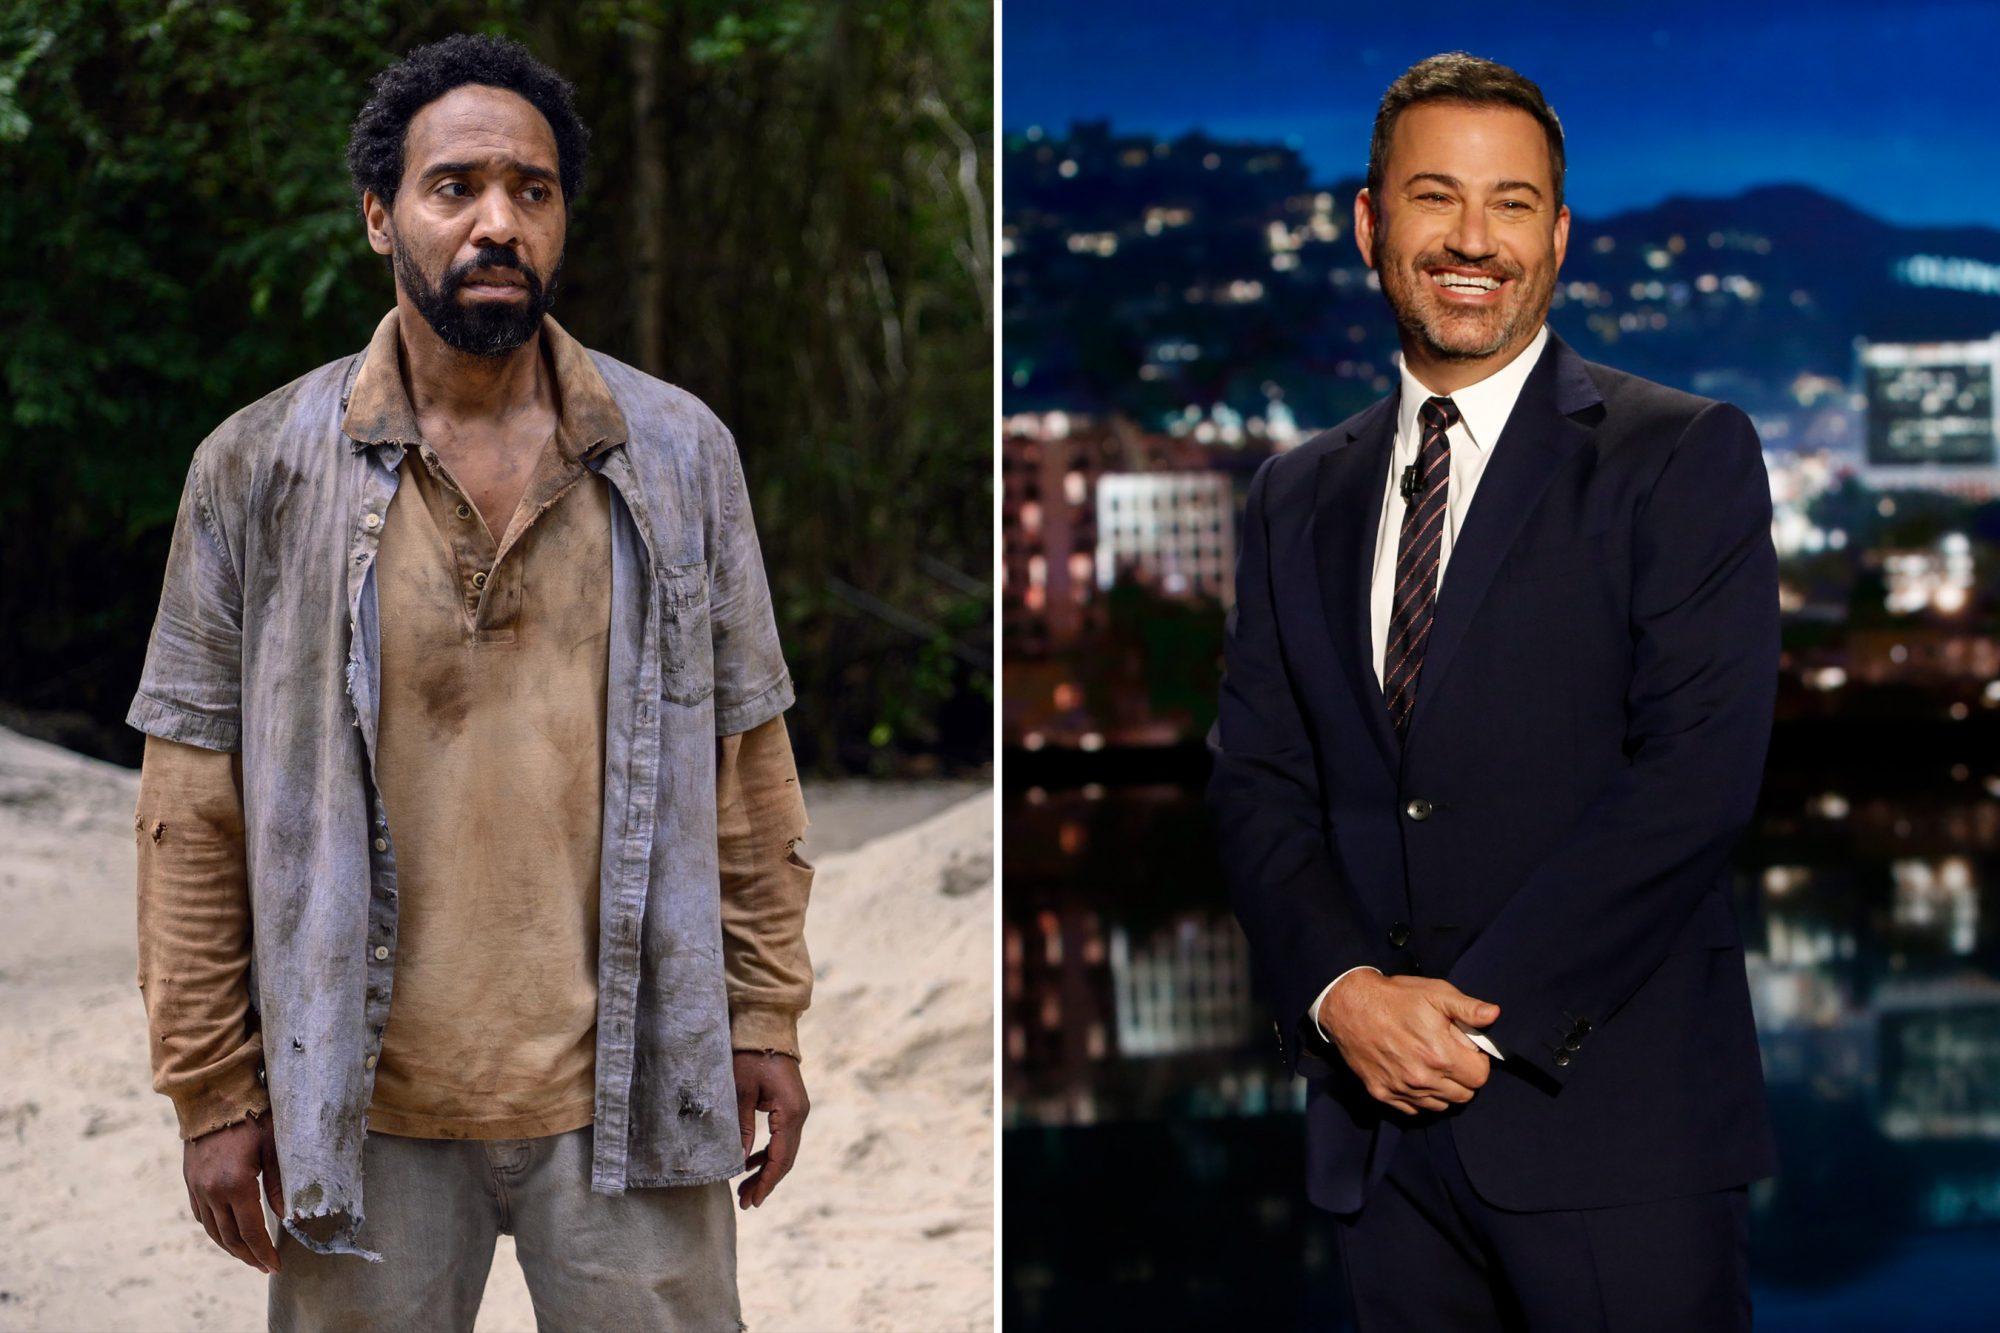 Walking Dead, Jimmy Kimmel